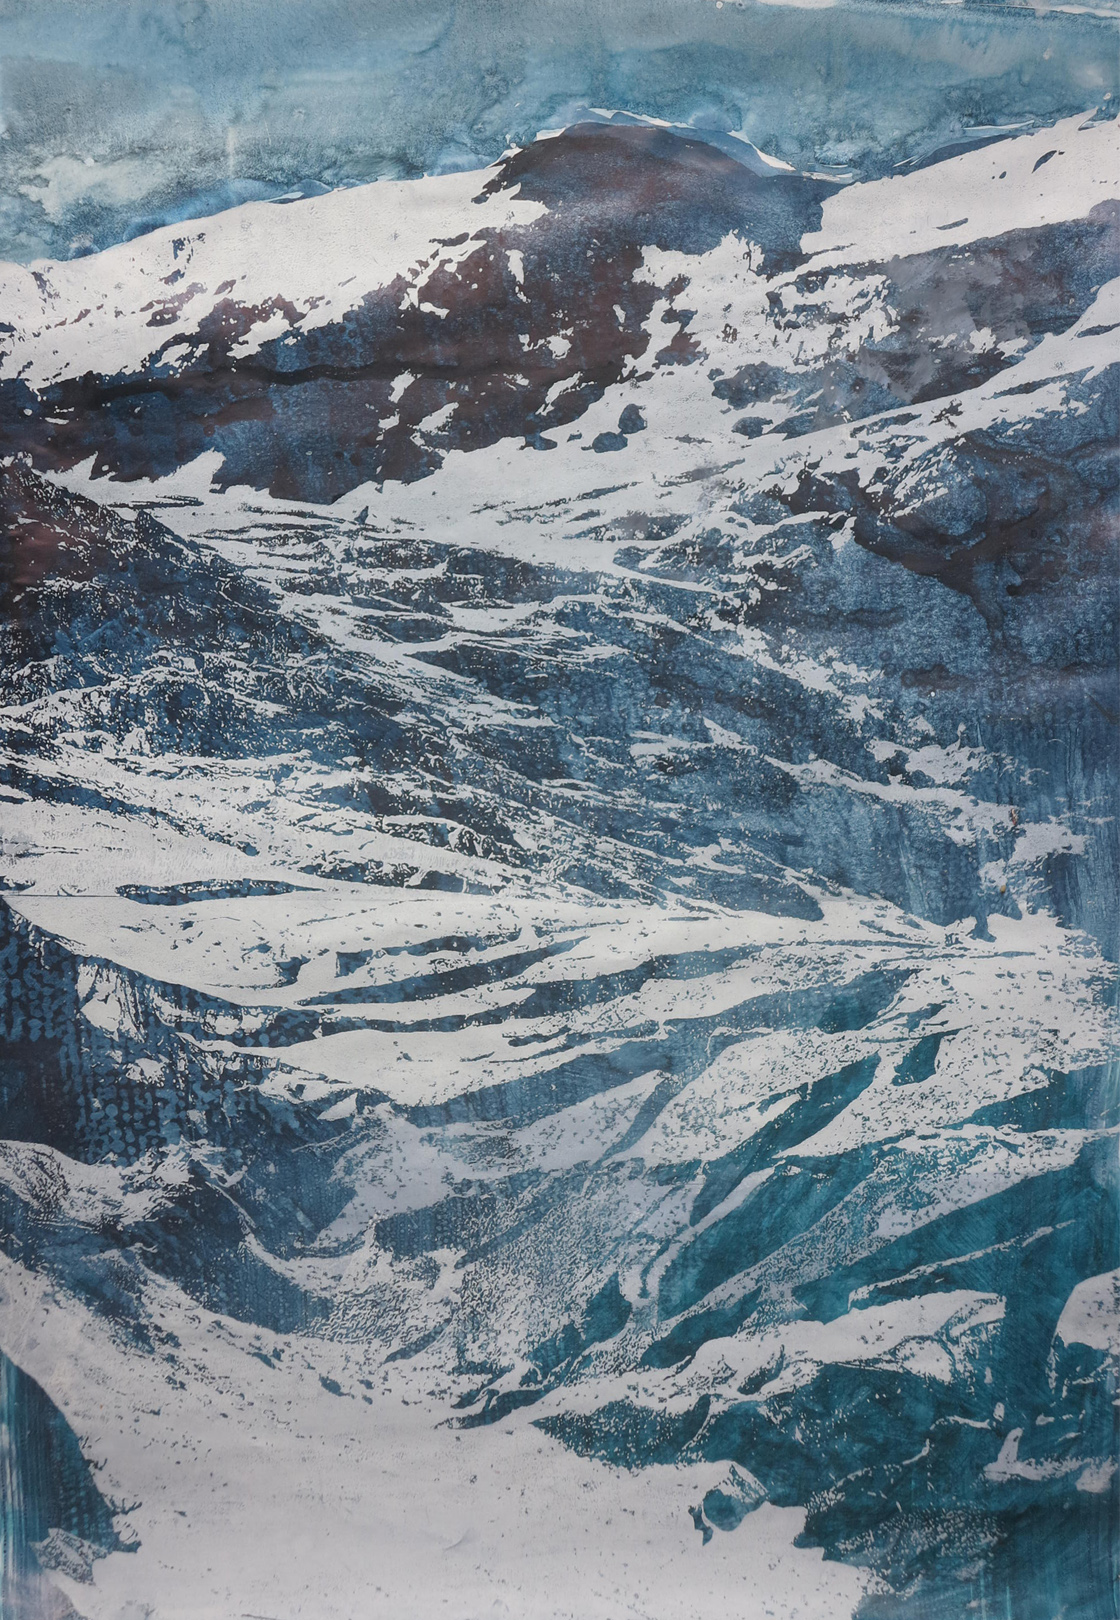 Gletscher III, 2020, 42x60 cm, Holzschnitt / Lasertechnik und Malerei